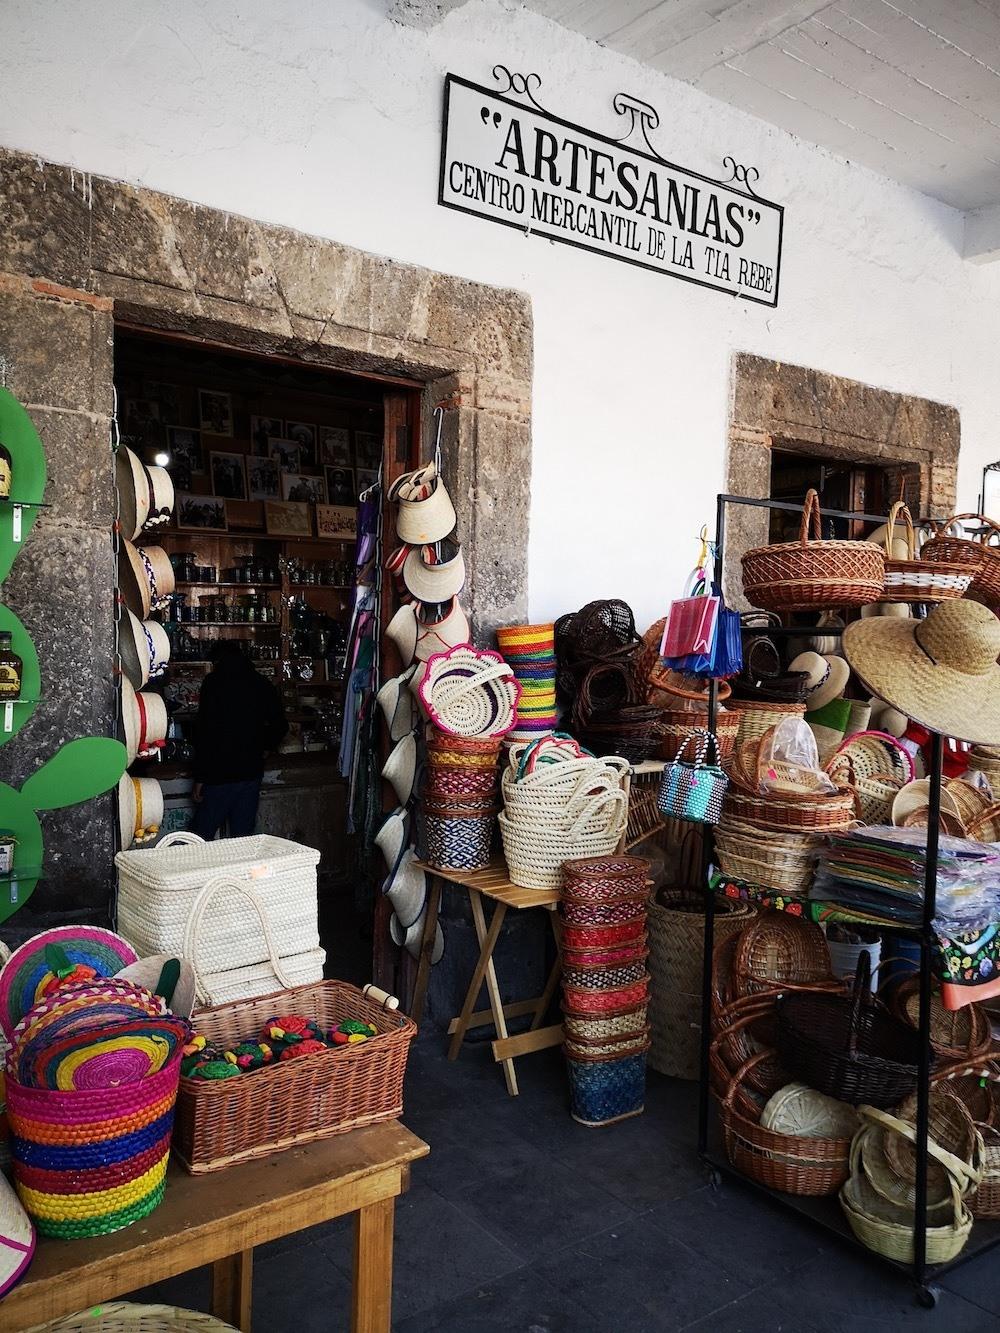 Articulos de piel y artesanías Villa de Tezontepec